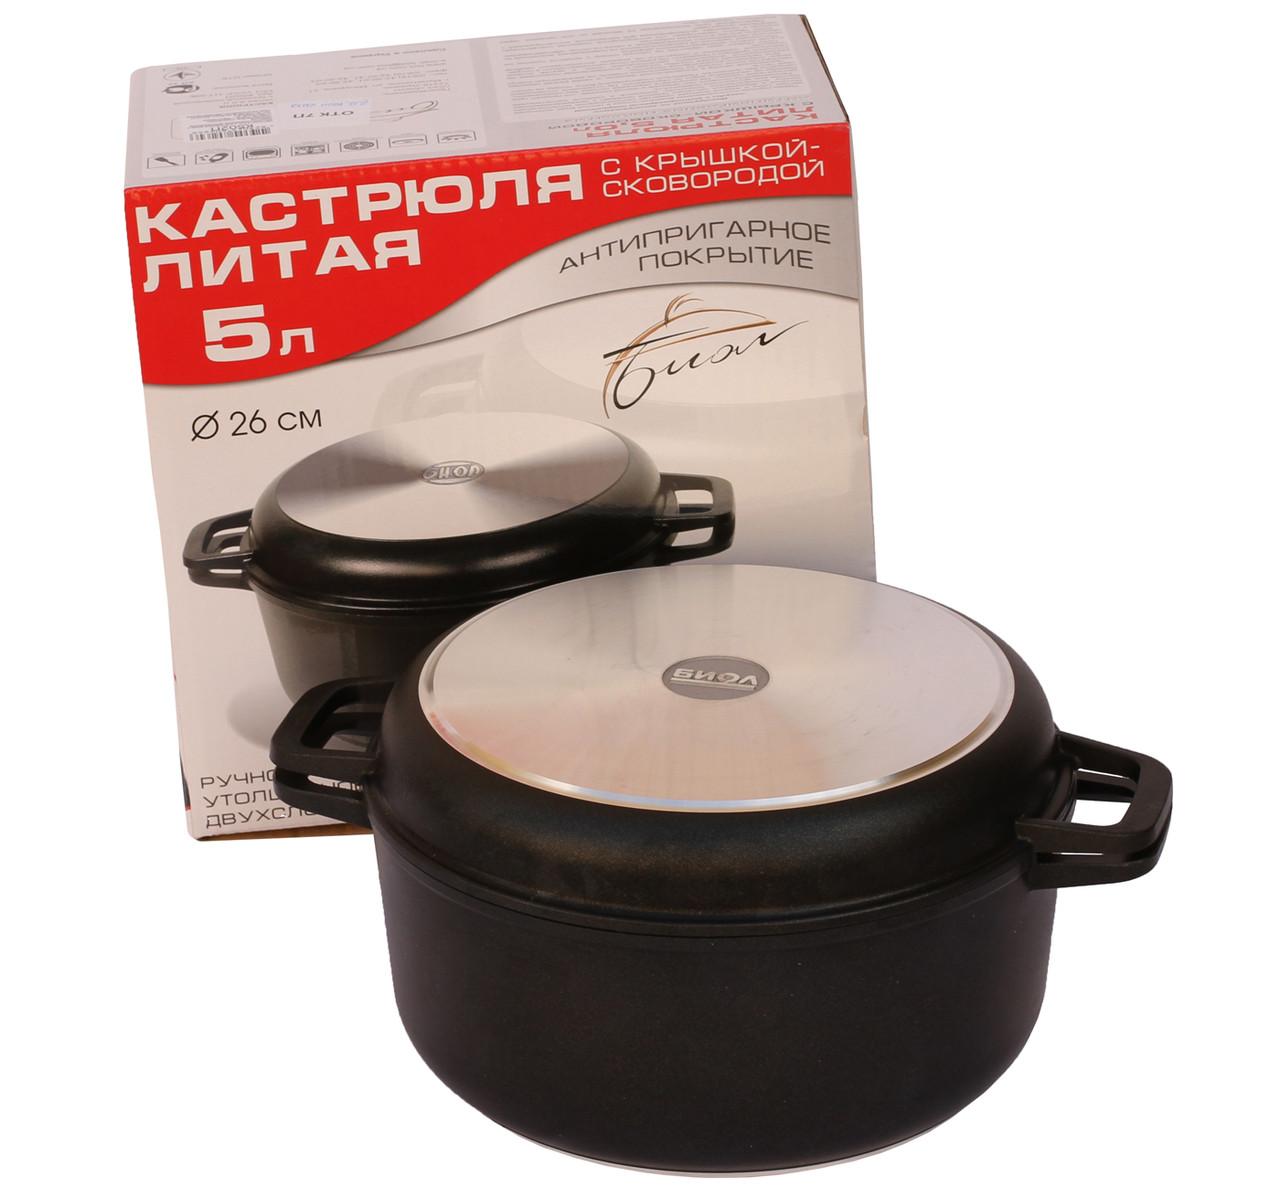 Кастрюля з литою кришкою-сковородою 2л Биол К202П